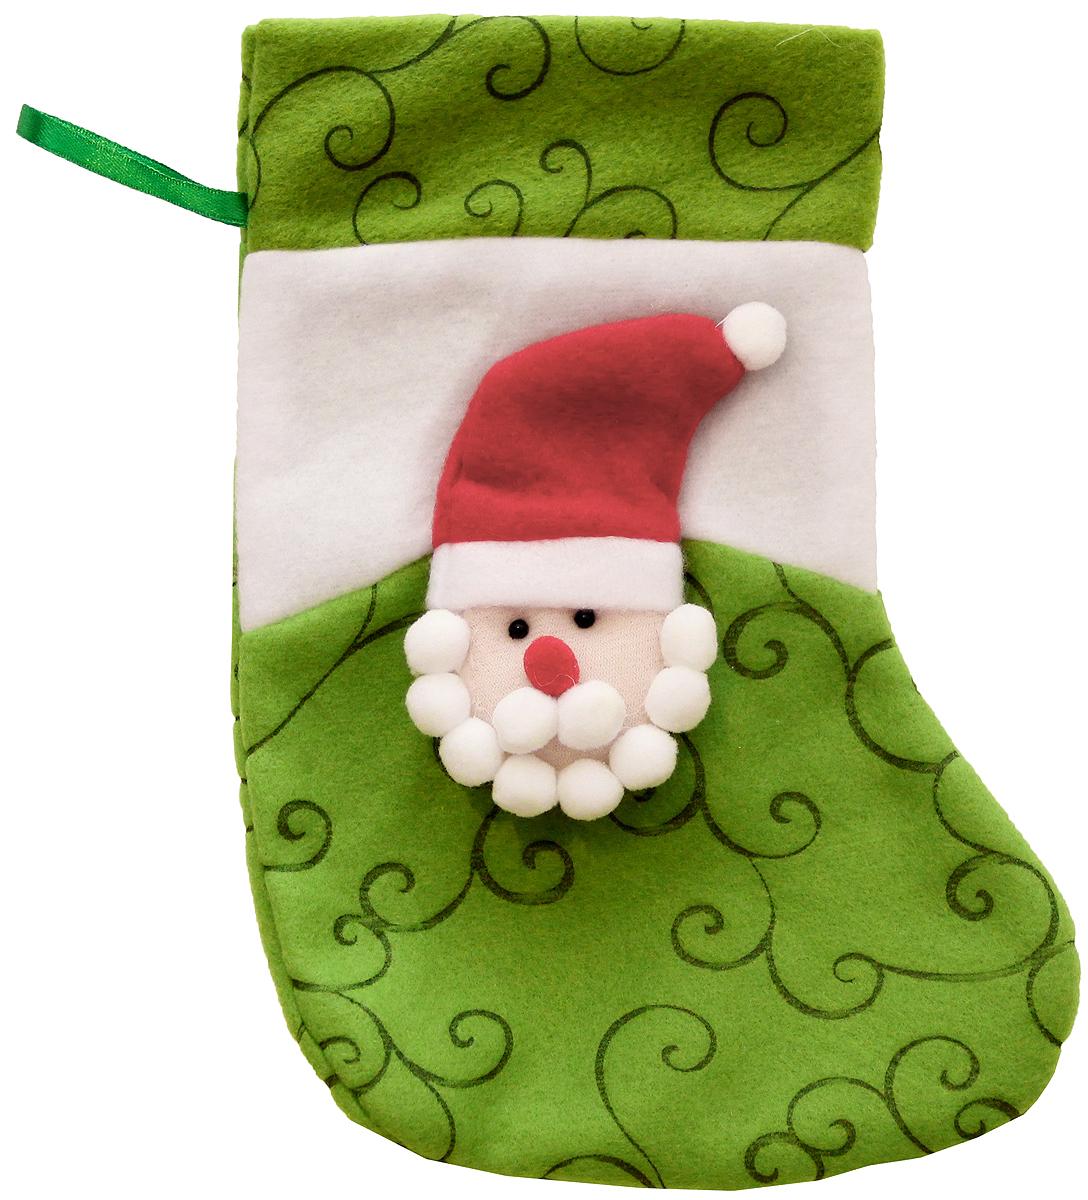 Мешок для подарков Феникс-Презент Носок. Дед Мороз, 24 x 13 см. 4251942519Мешок для подарков Феникс-Презент Носок. Дед Мороз выполнен из полиэстера в виде носка с изображением Деда Мороза. В мешочек можно спрятать подарки. С помощью специальной петельки украшение можно повесить в любом понравившемся вам месте.